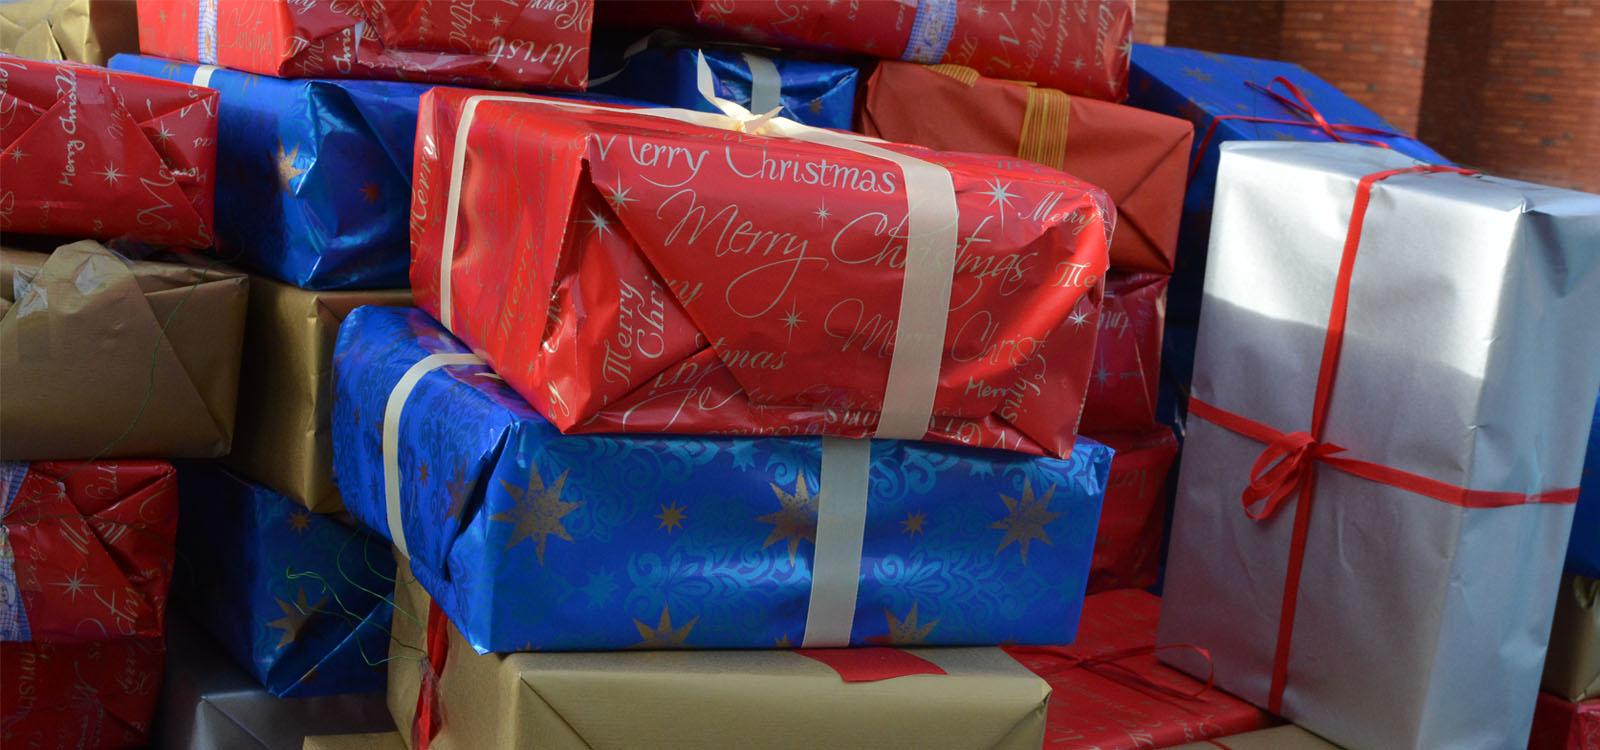 Aufgetürmte bunte Päckchen, die als Schmuck am Weihnachtsbaum auf dem Schlossplatz ihre Verwendung finden. em Schlossplatz vorgese vor dem Schlossplatz, die als Schmuck am Weihn